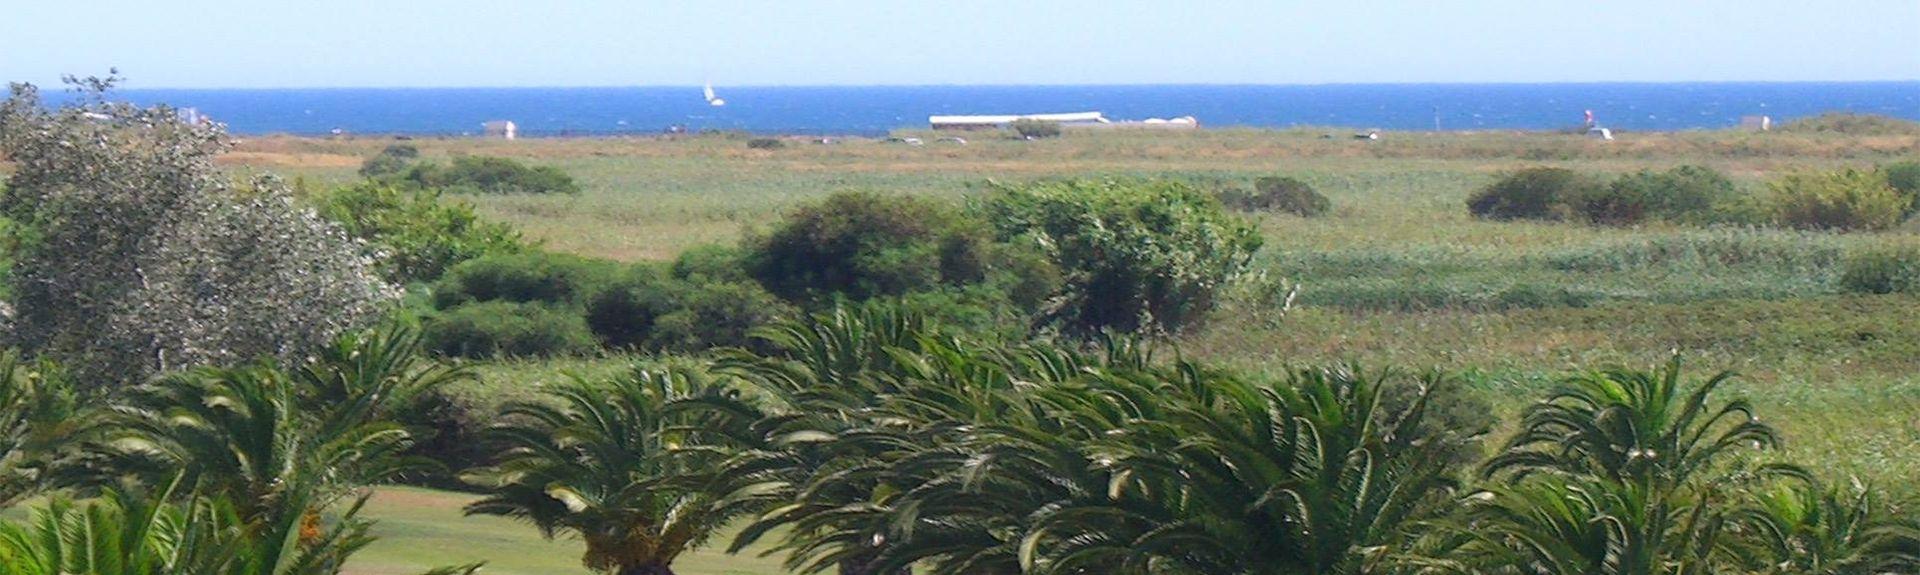 Dom Pedro Golf: Laguna golfbane (Quarteira, Faro, Portugal)